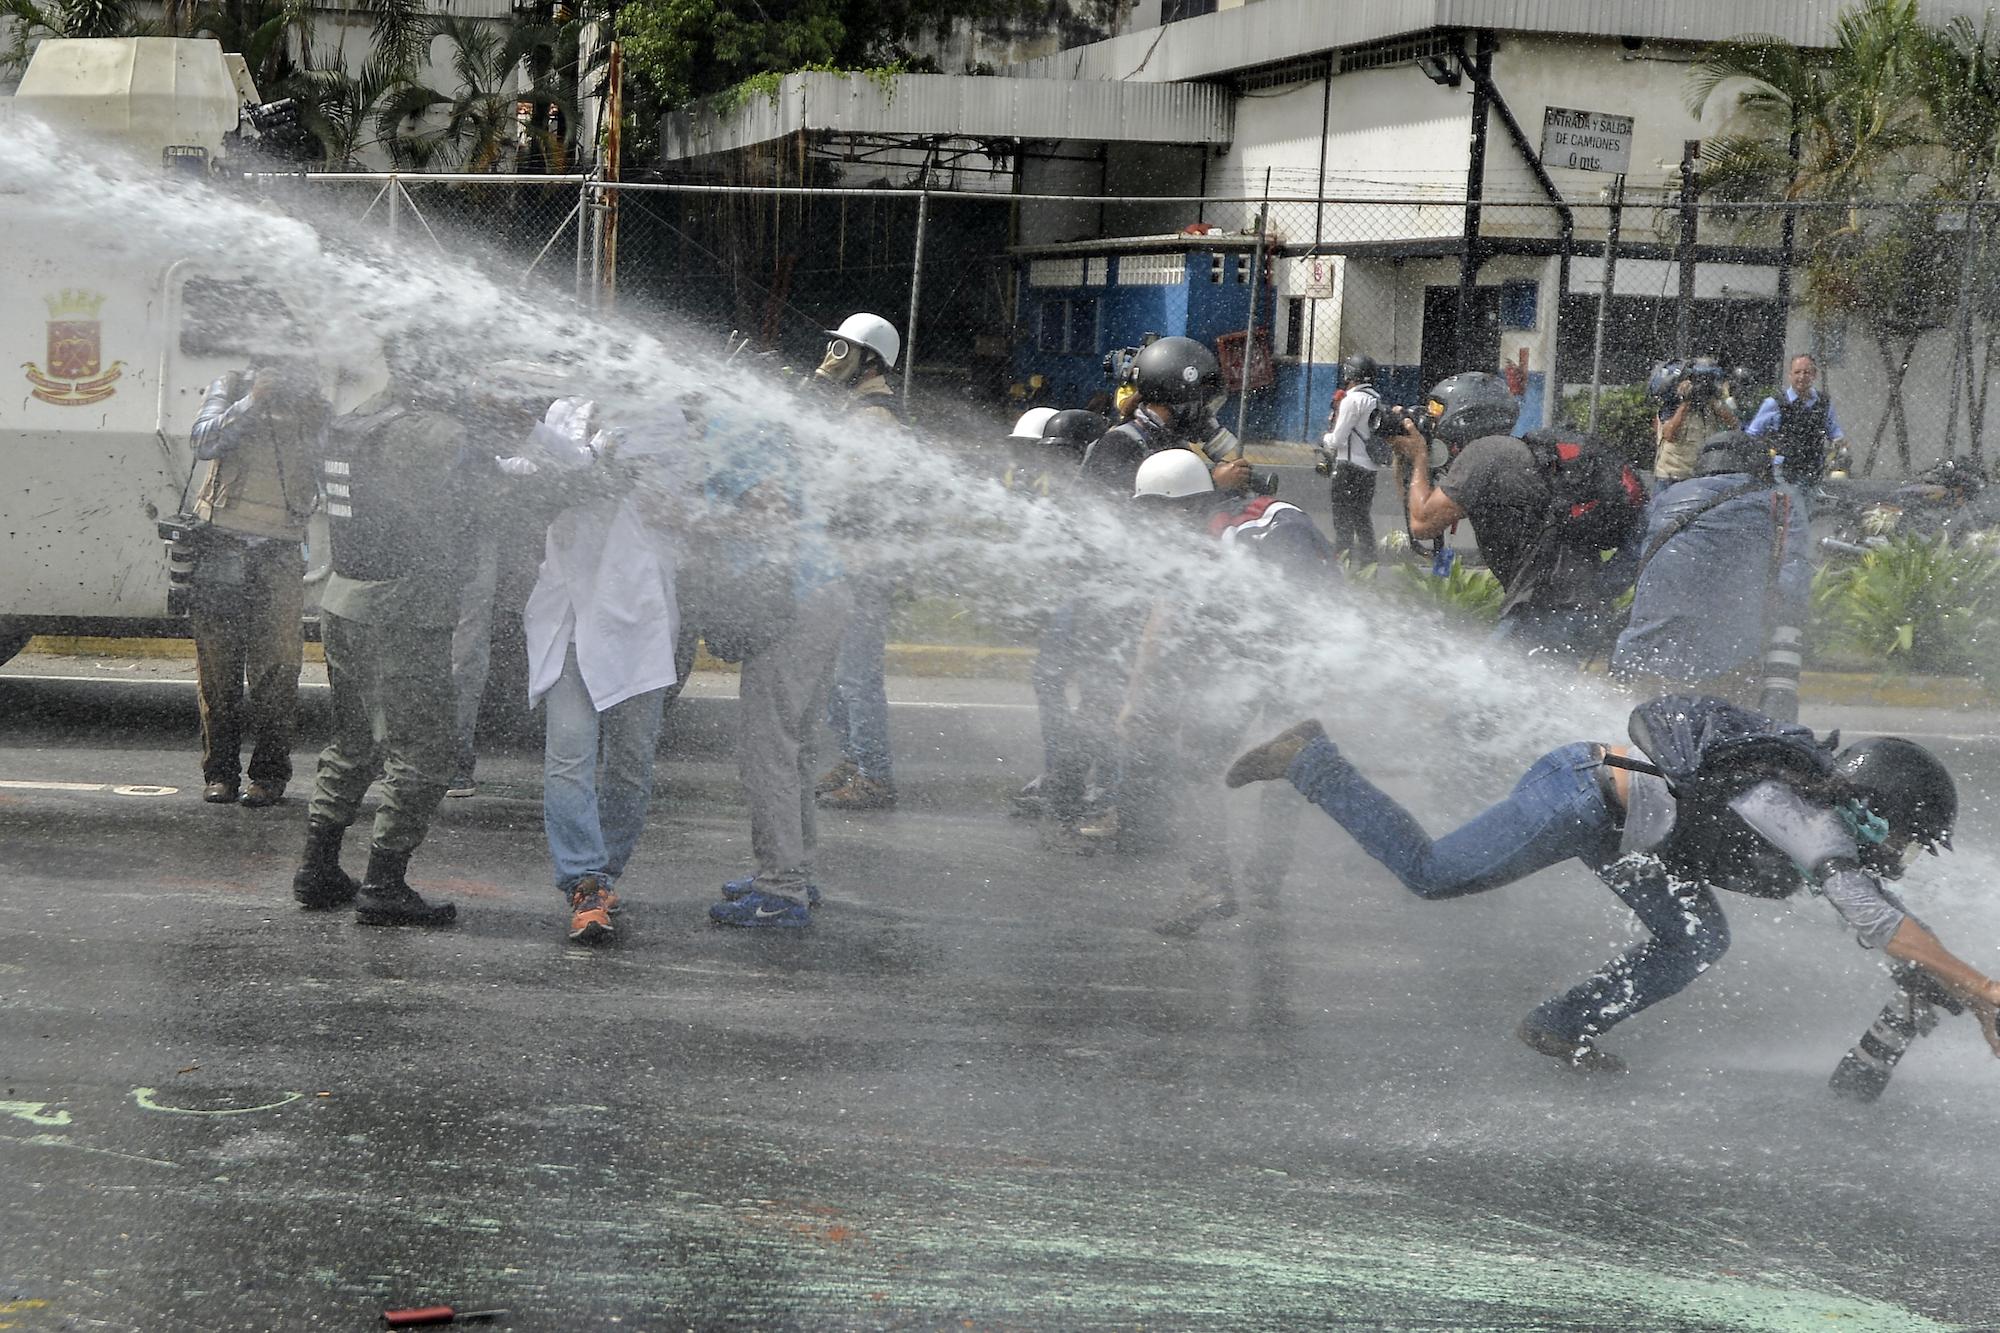 La photographe de AP Ariana Cubillos est attaquée par un canon à eau pendant une manifestation à Caracas, le 22 mai 2017. LUIS ROBAYO / AFP